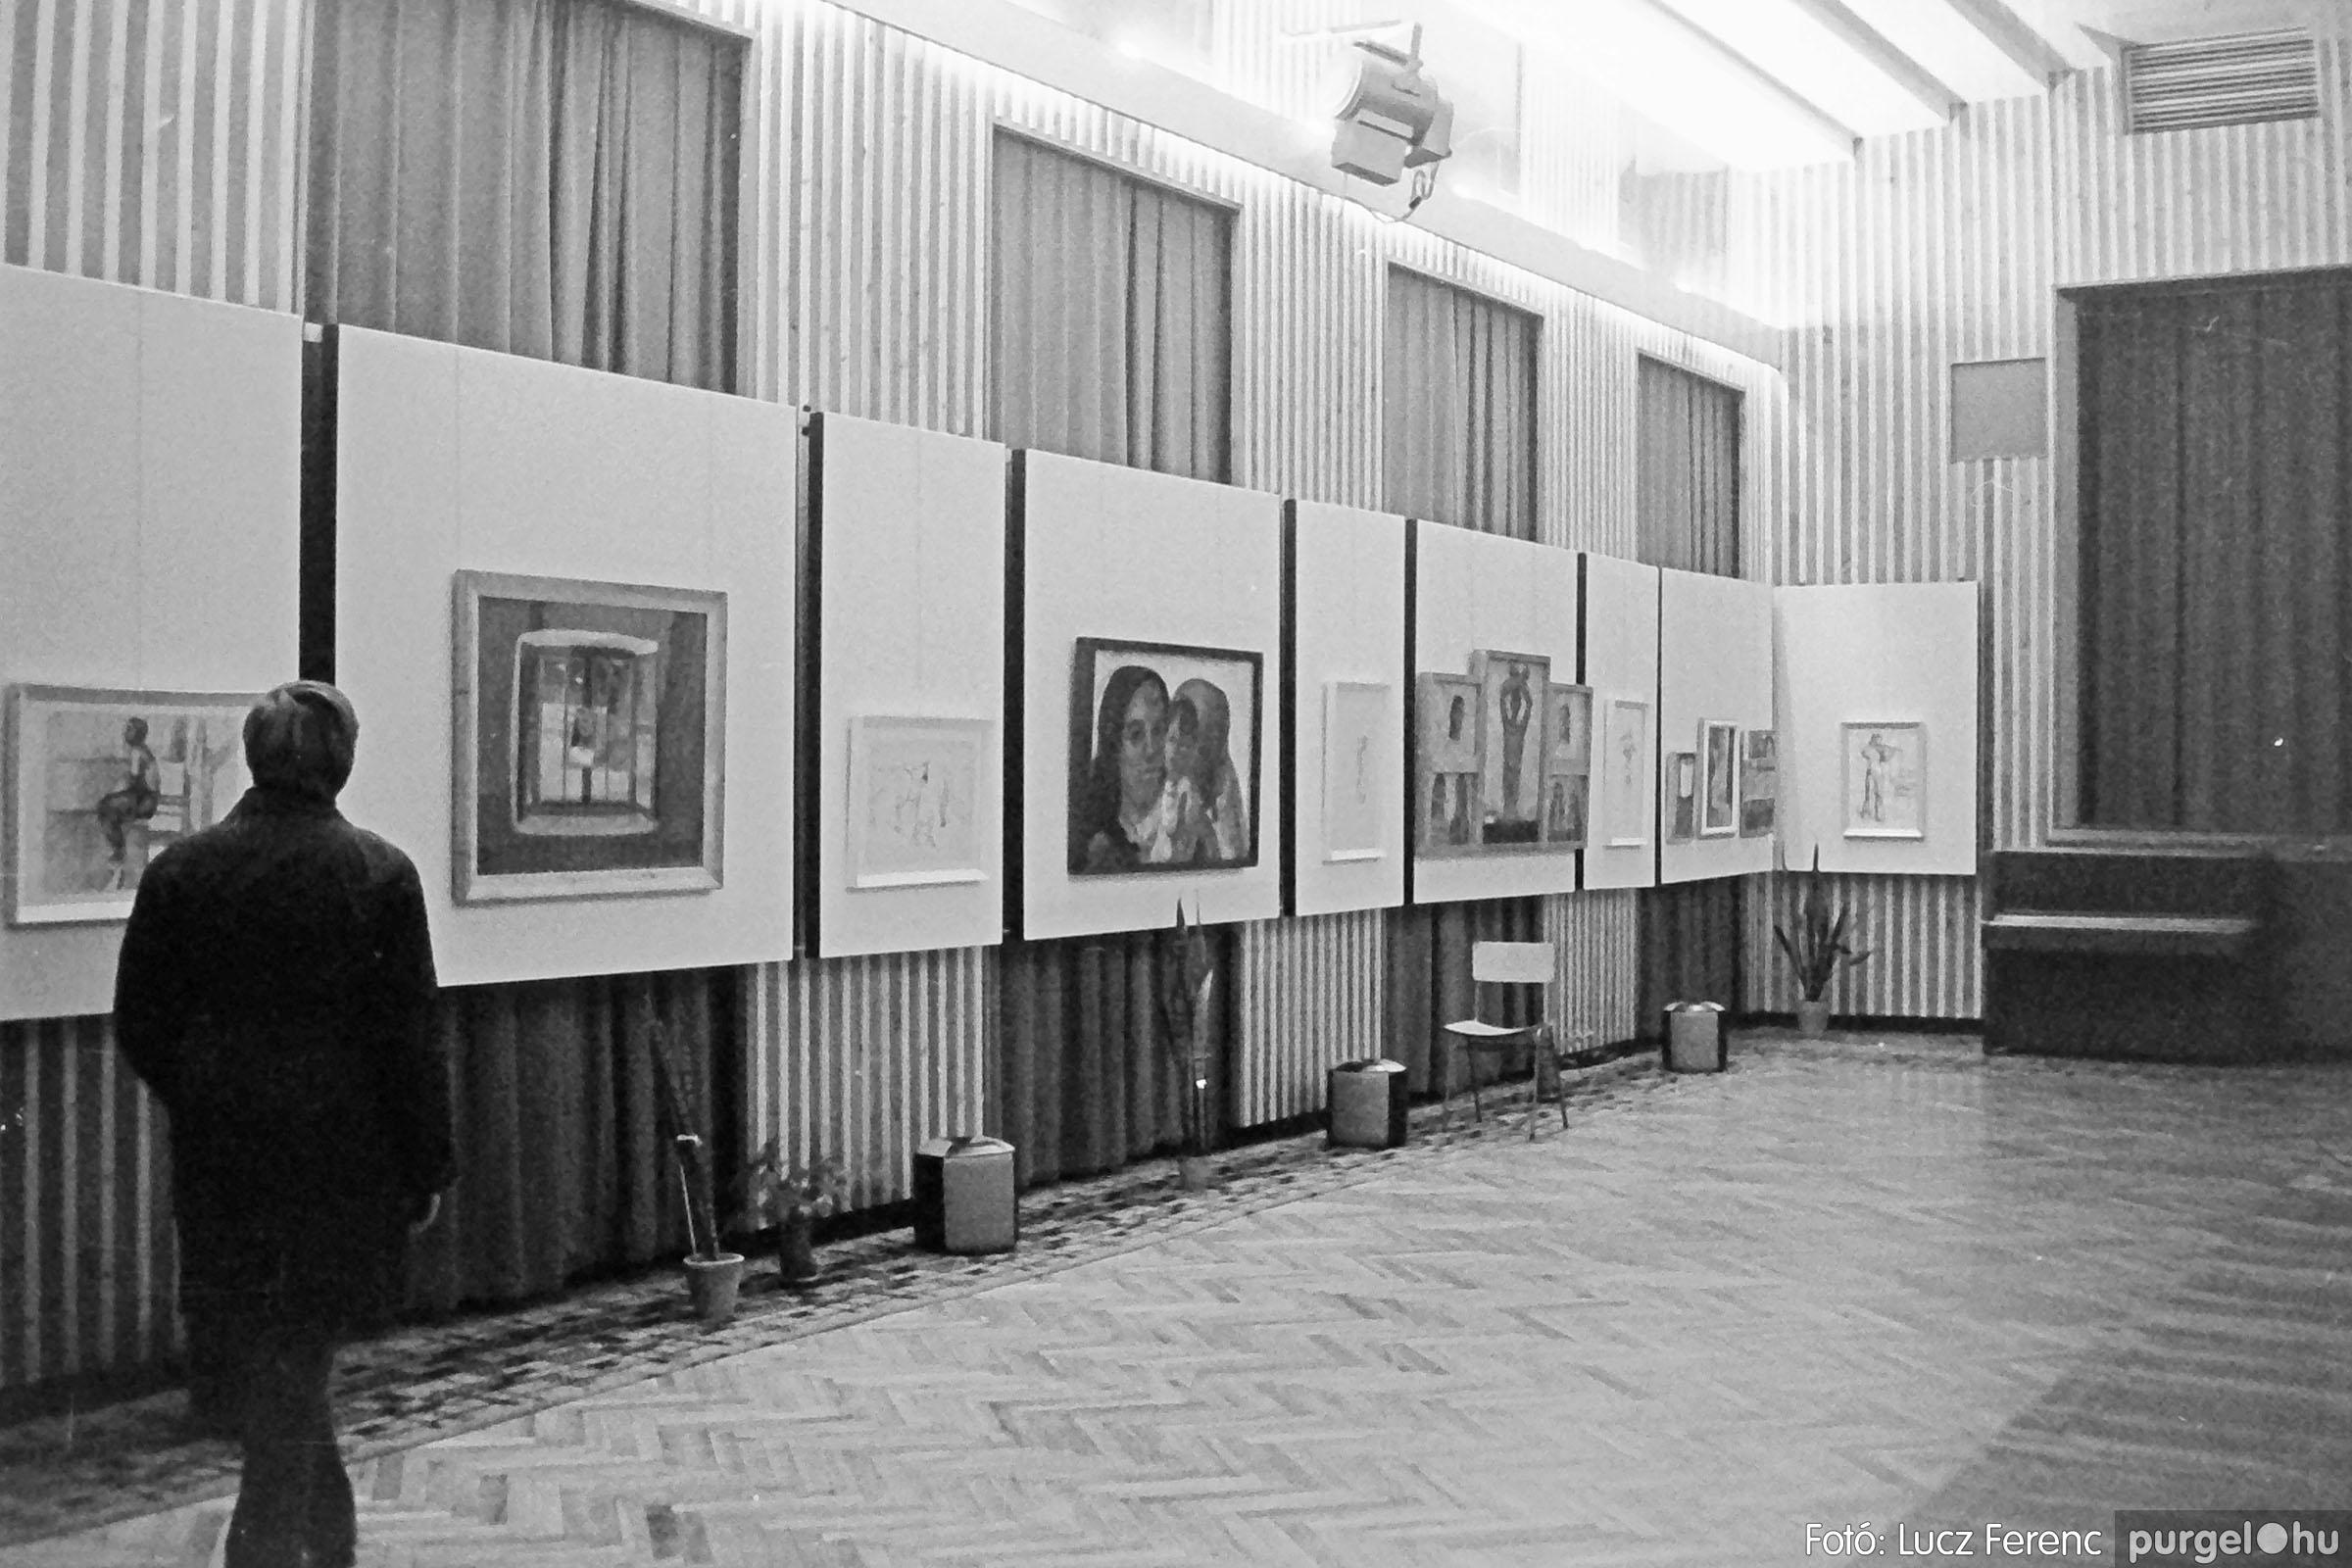 024 1975.10. Németh József és Szalay Ferenc festőművészek kiállítása 011 - Fotó: Lucz Ferenc IMG00211q.jpg